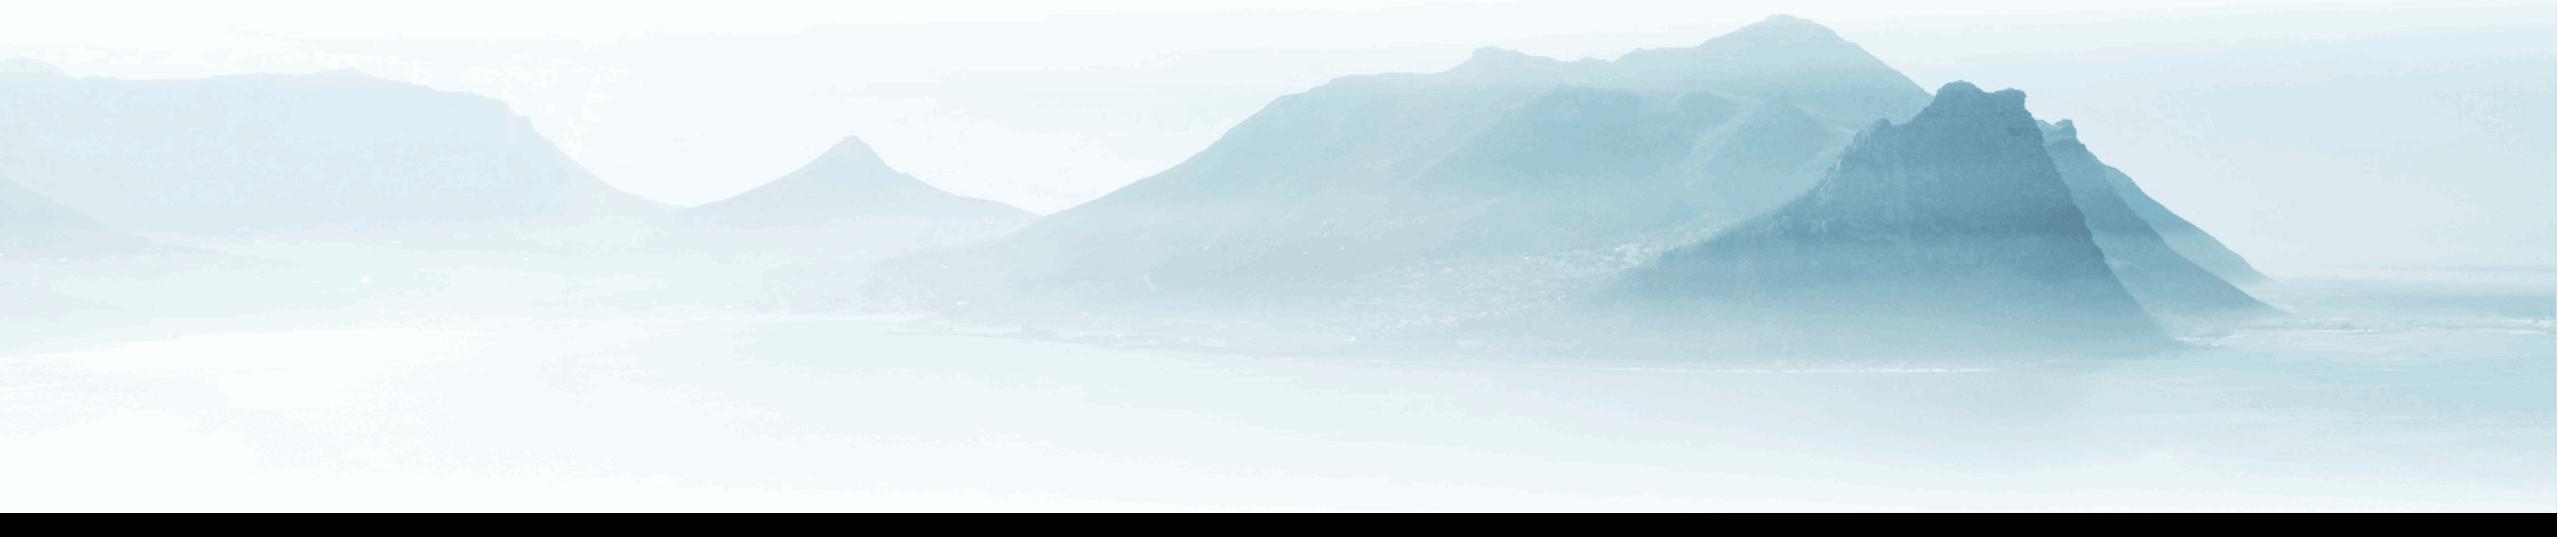 bg-mountain2(1)